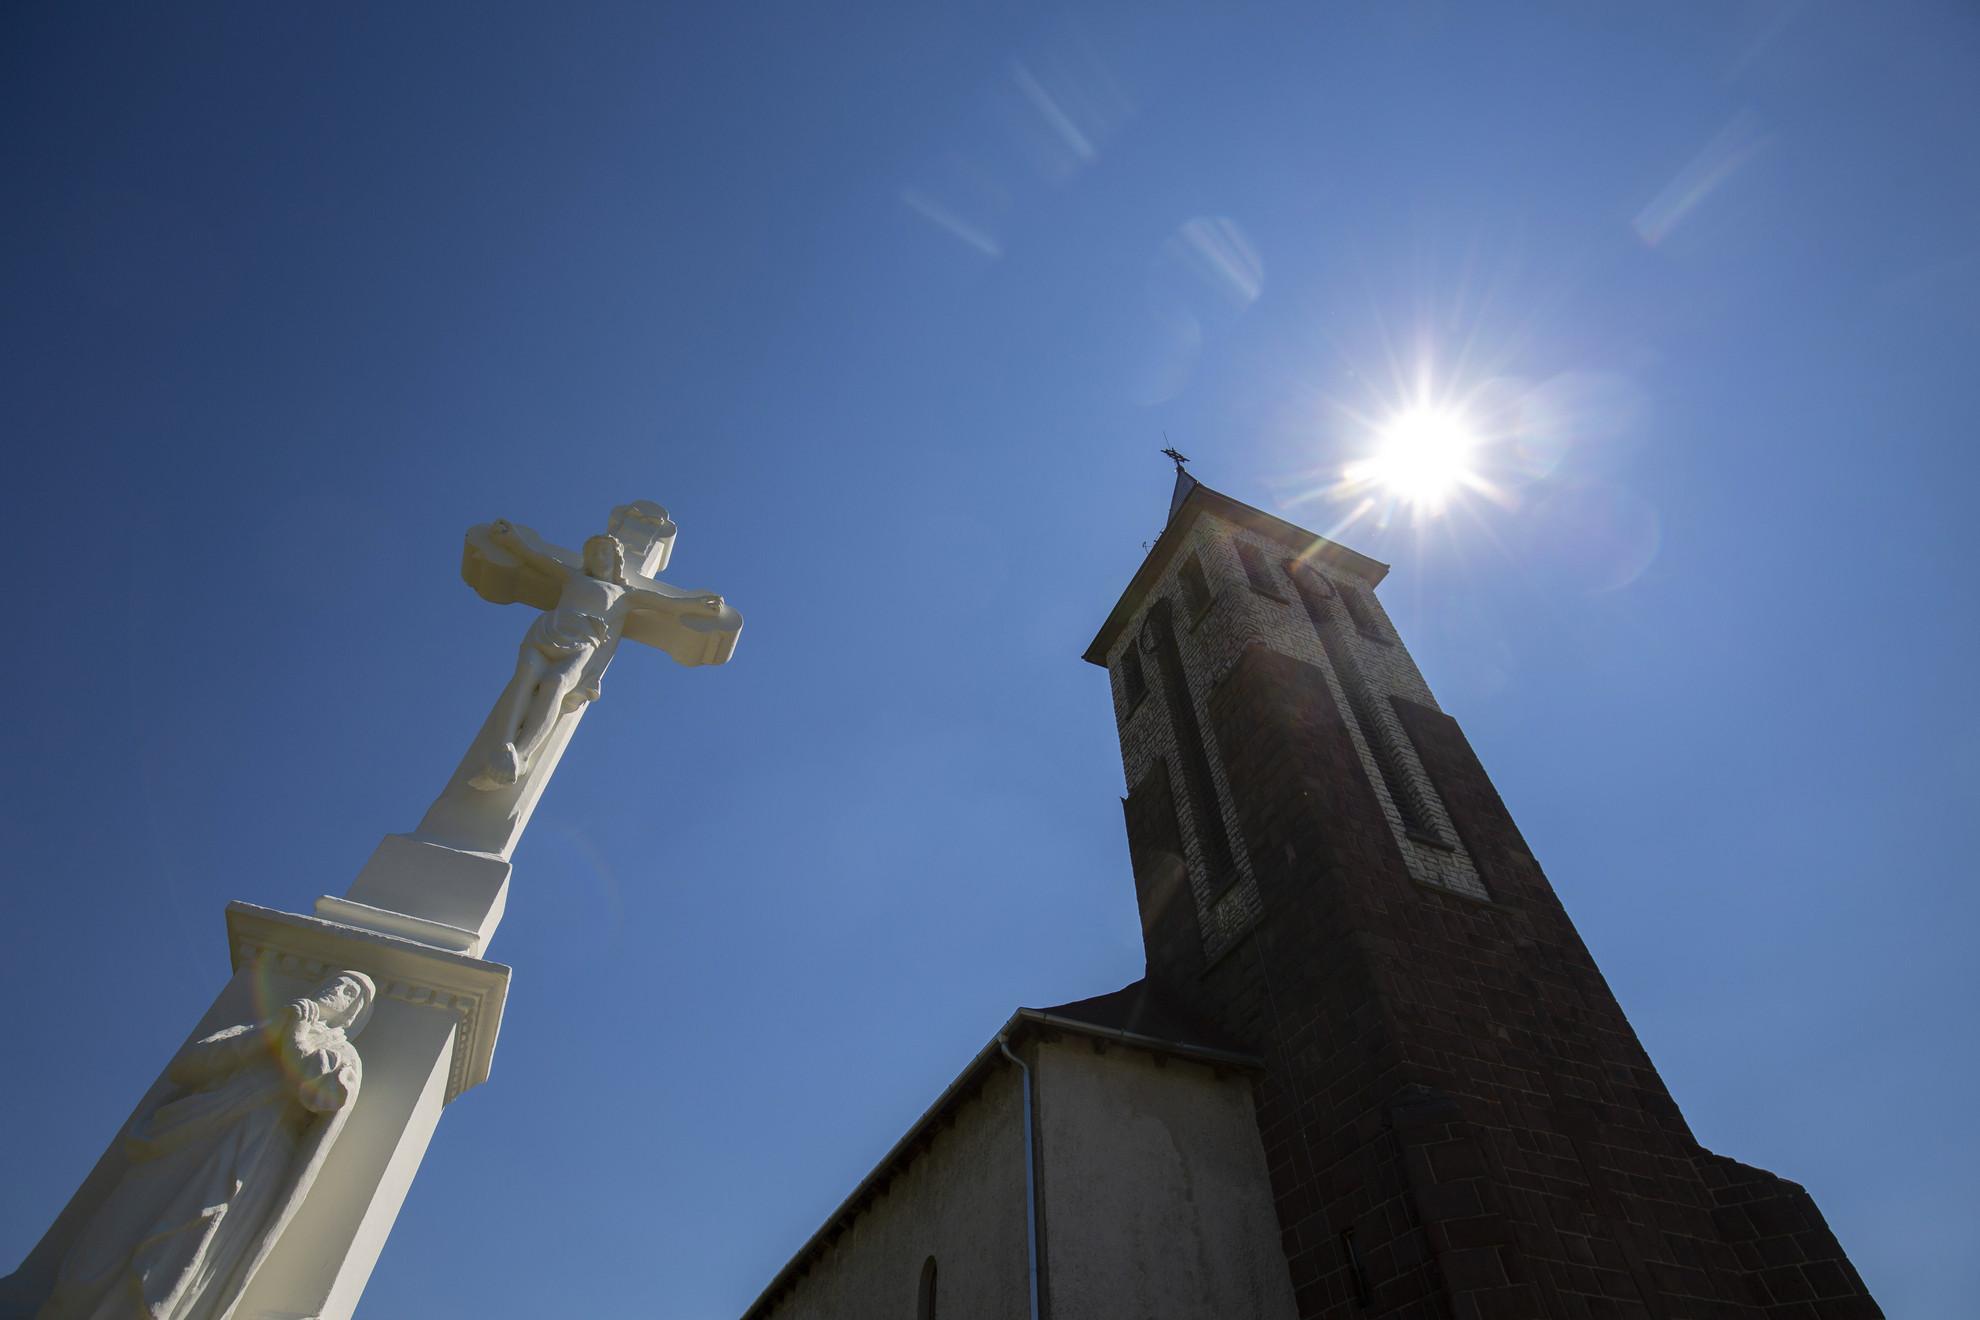 A kormányzati támogatással felújított katolikus plébániatemplom a Zala megyei Pölöskén a felszentelési ünnepség napján